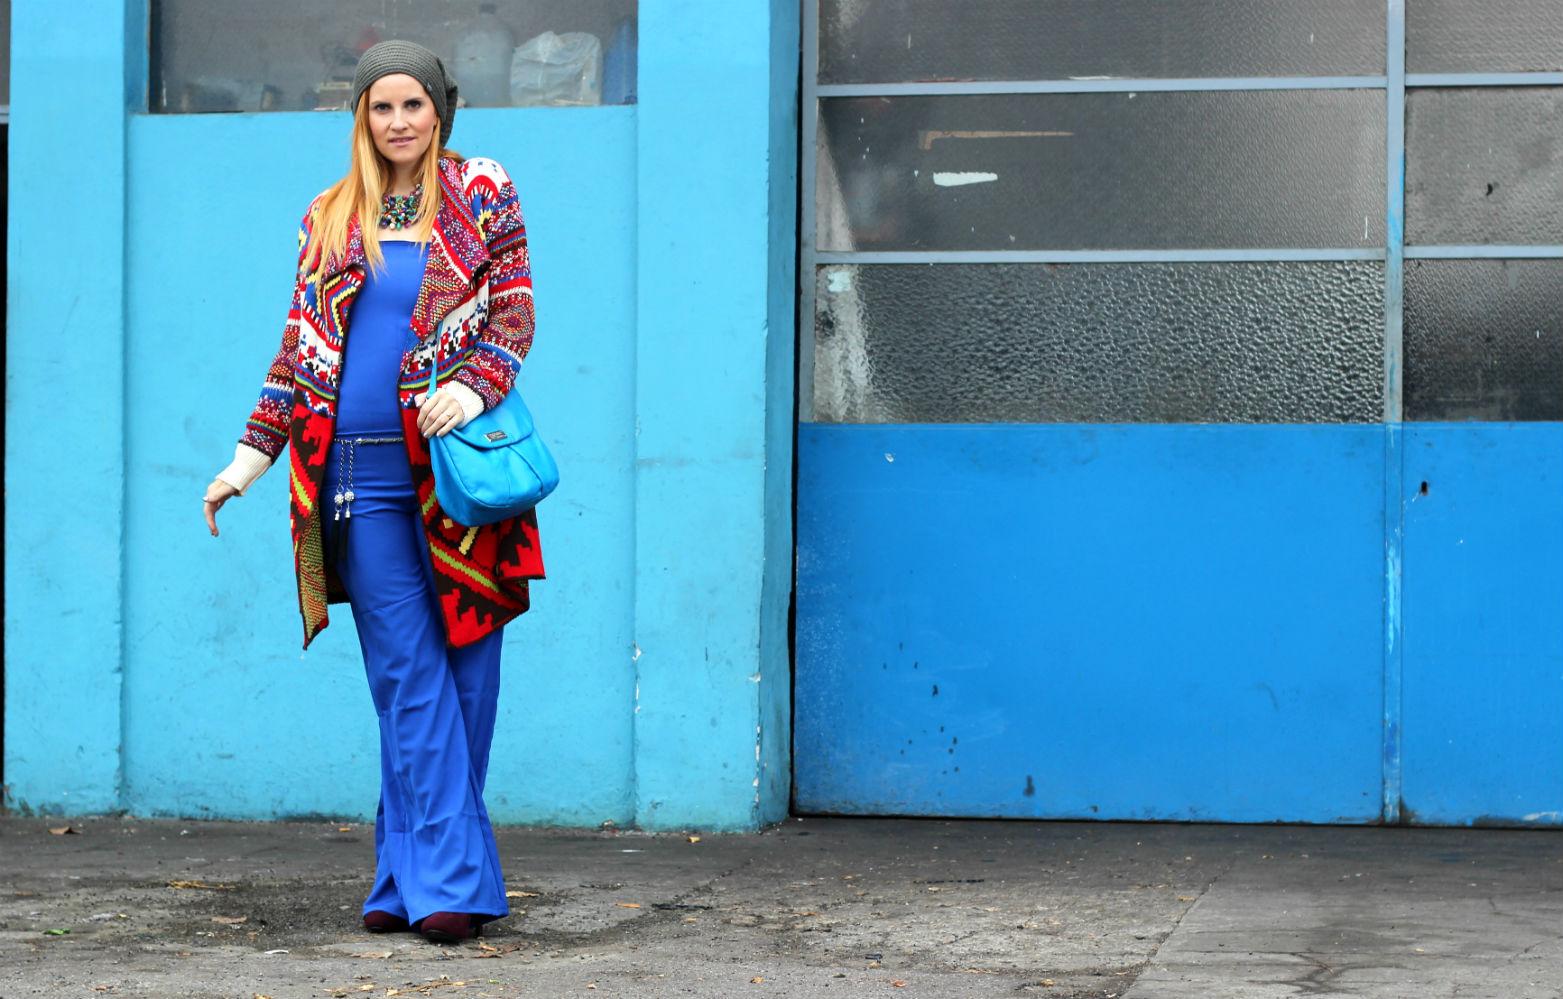 elisabetta bertolini - fashion blogger - tuta pantaloni palazzo fruscio new collection moda etnica